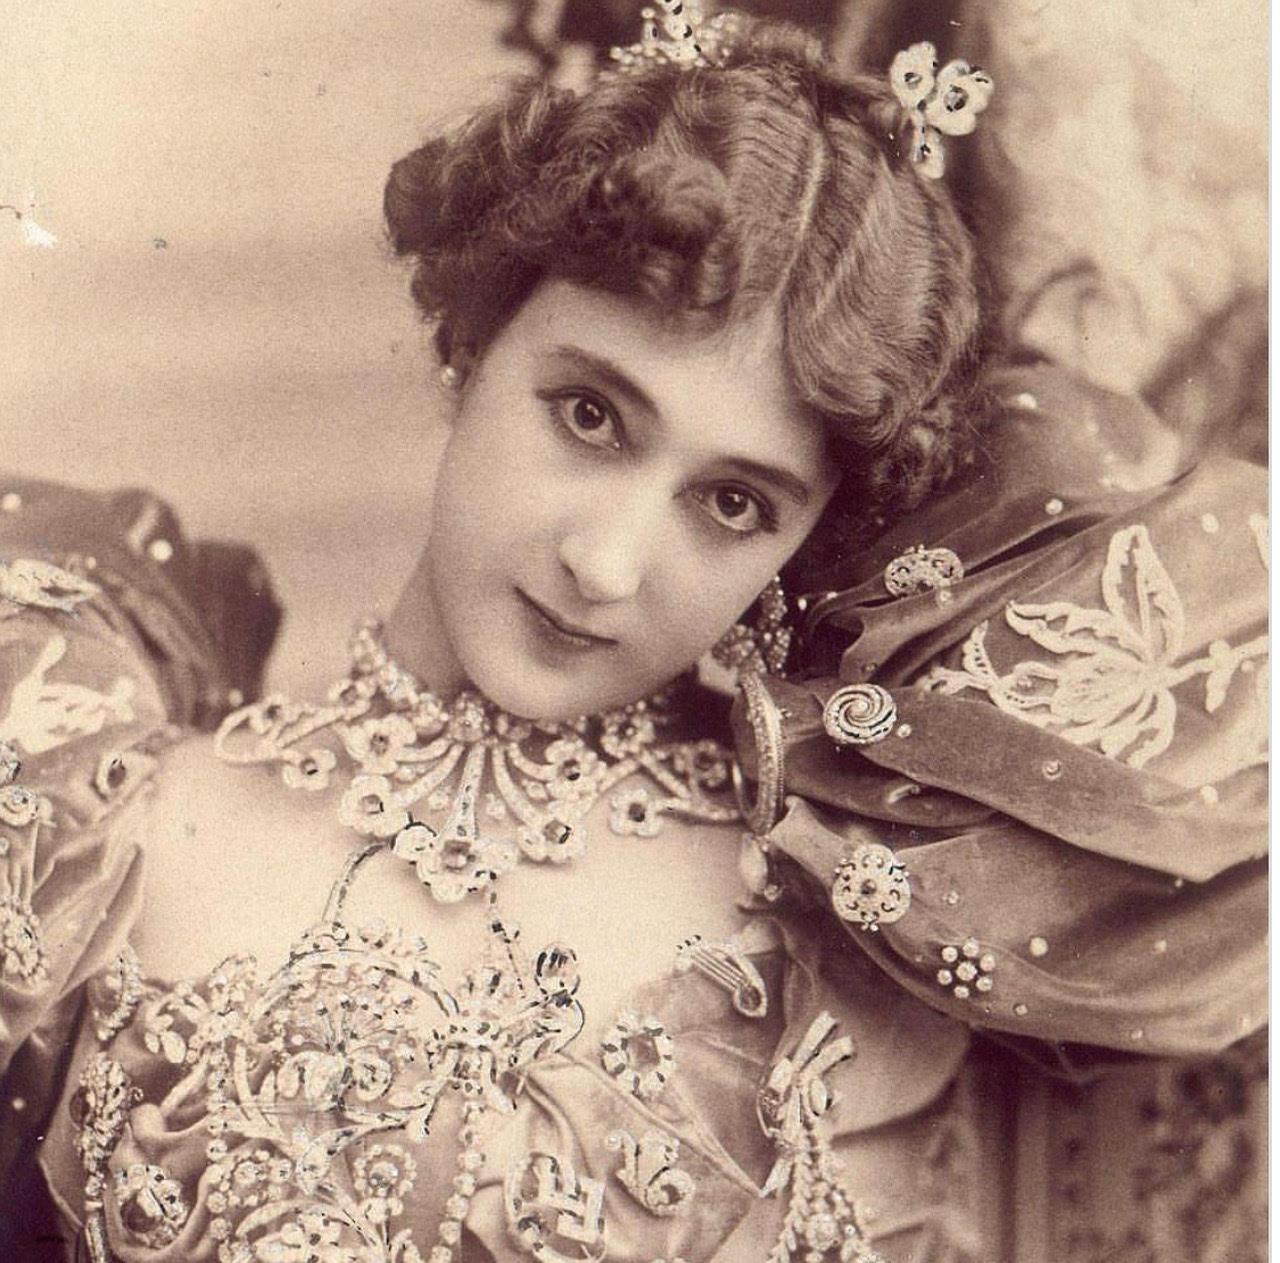 https: img.okeinfo.net content 2018 09 19 194 1952615 sempat-eksis-100-tahun-yang-lalu-8-perempuan-ini-kecantikannya-tidak-bisa-ditandingi-VWF4sUDujU.jpg